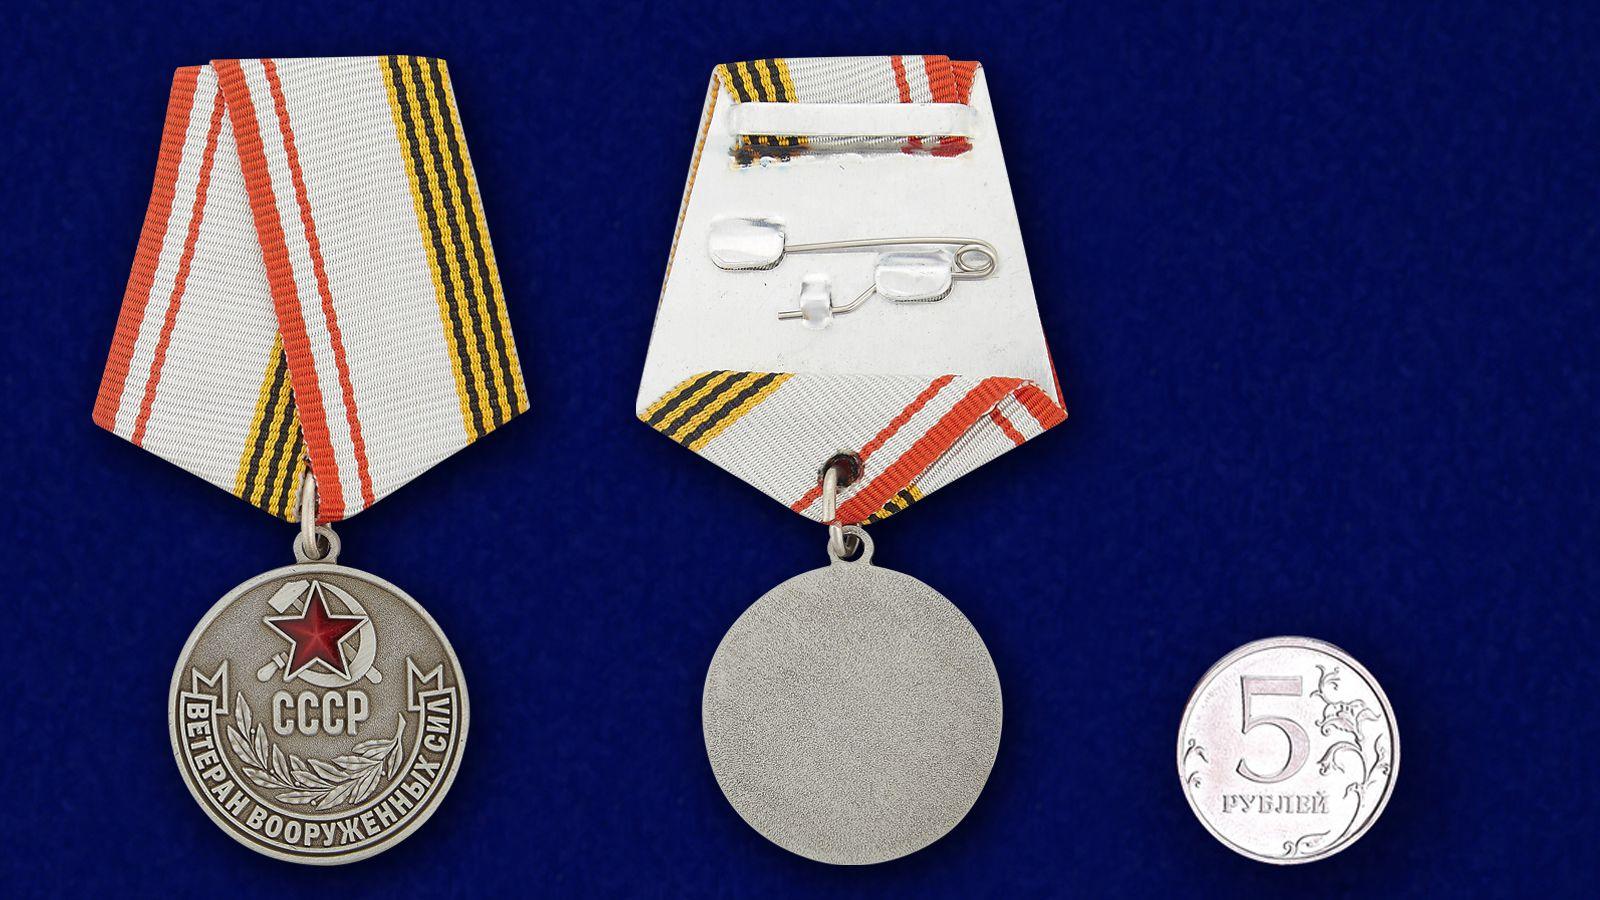 Медаль Ветеран ВС СССР - сравнительный размер